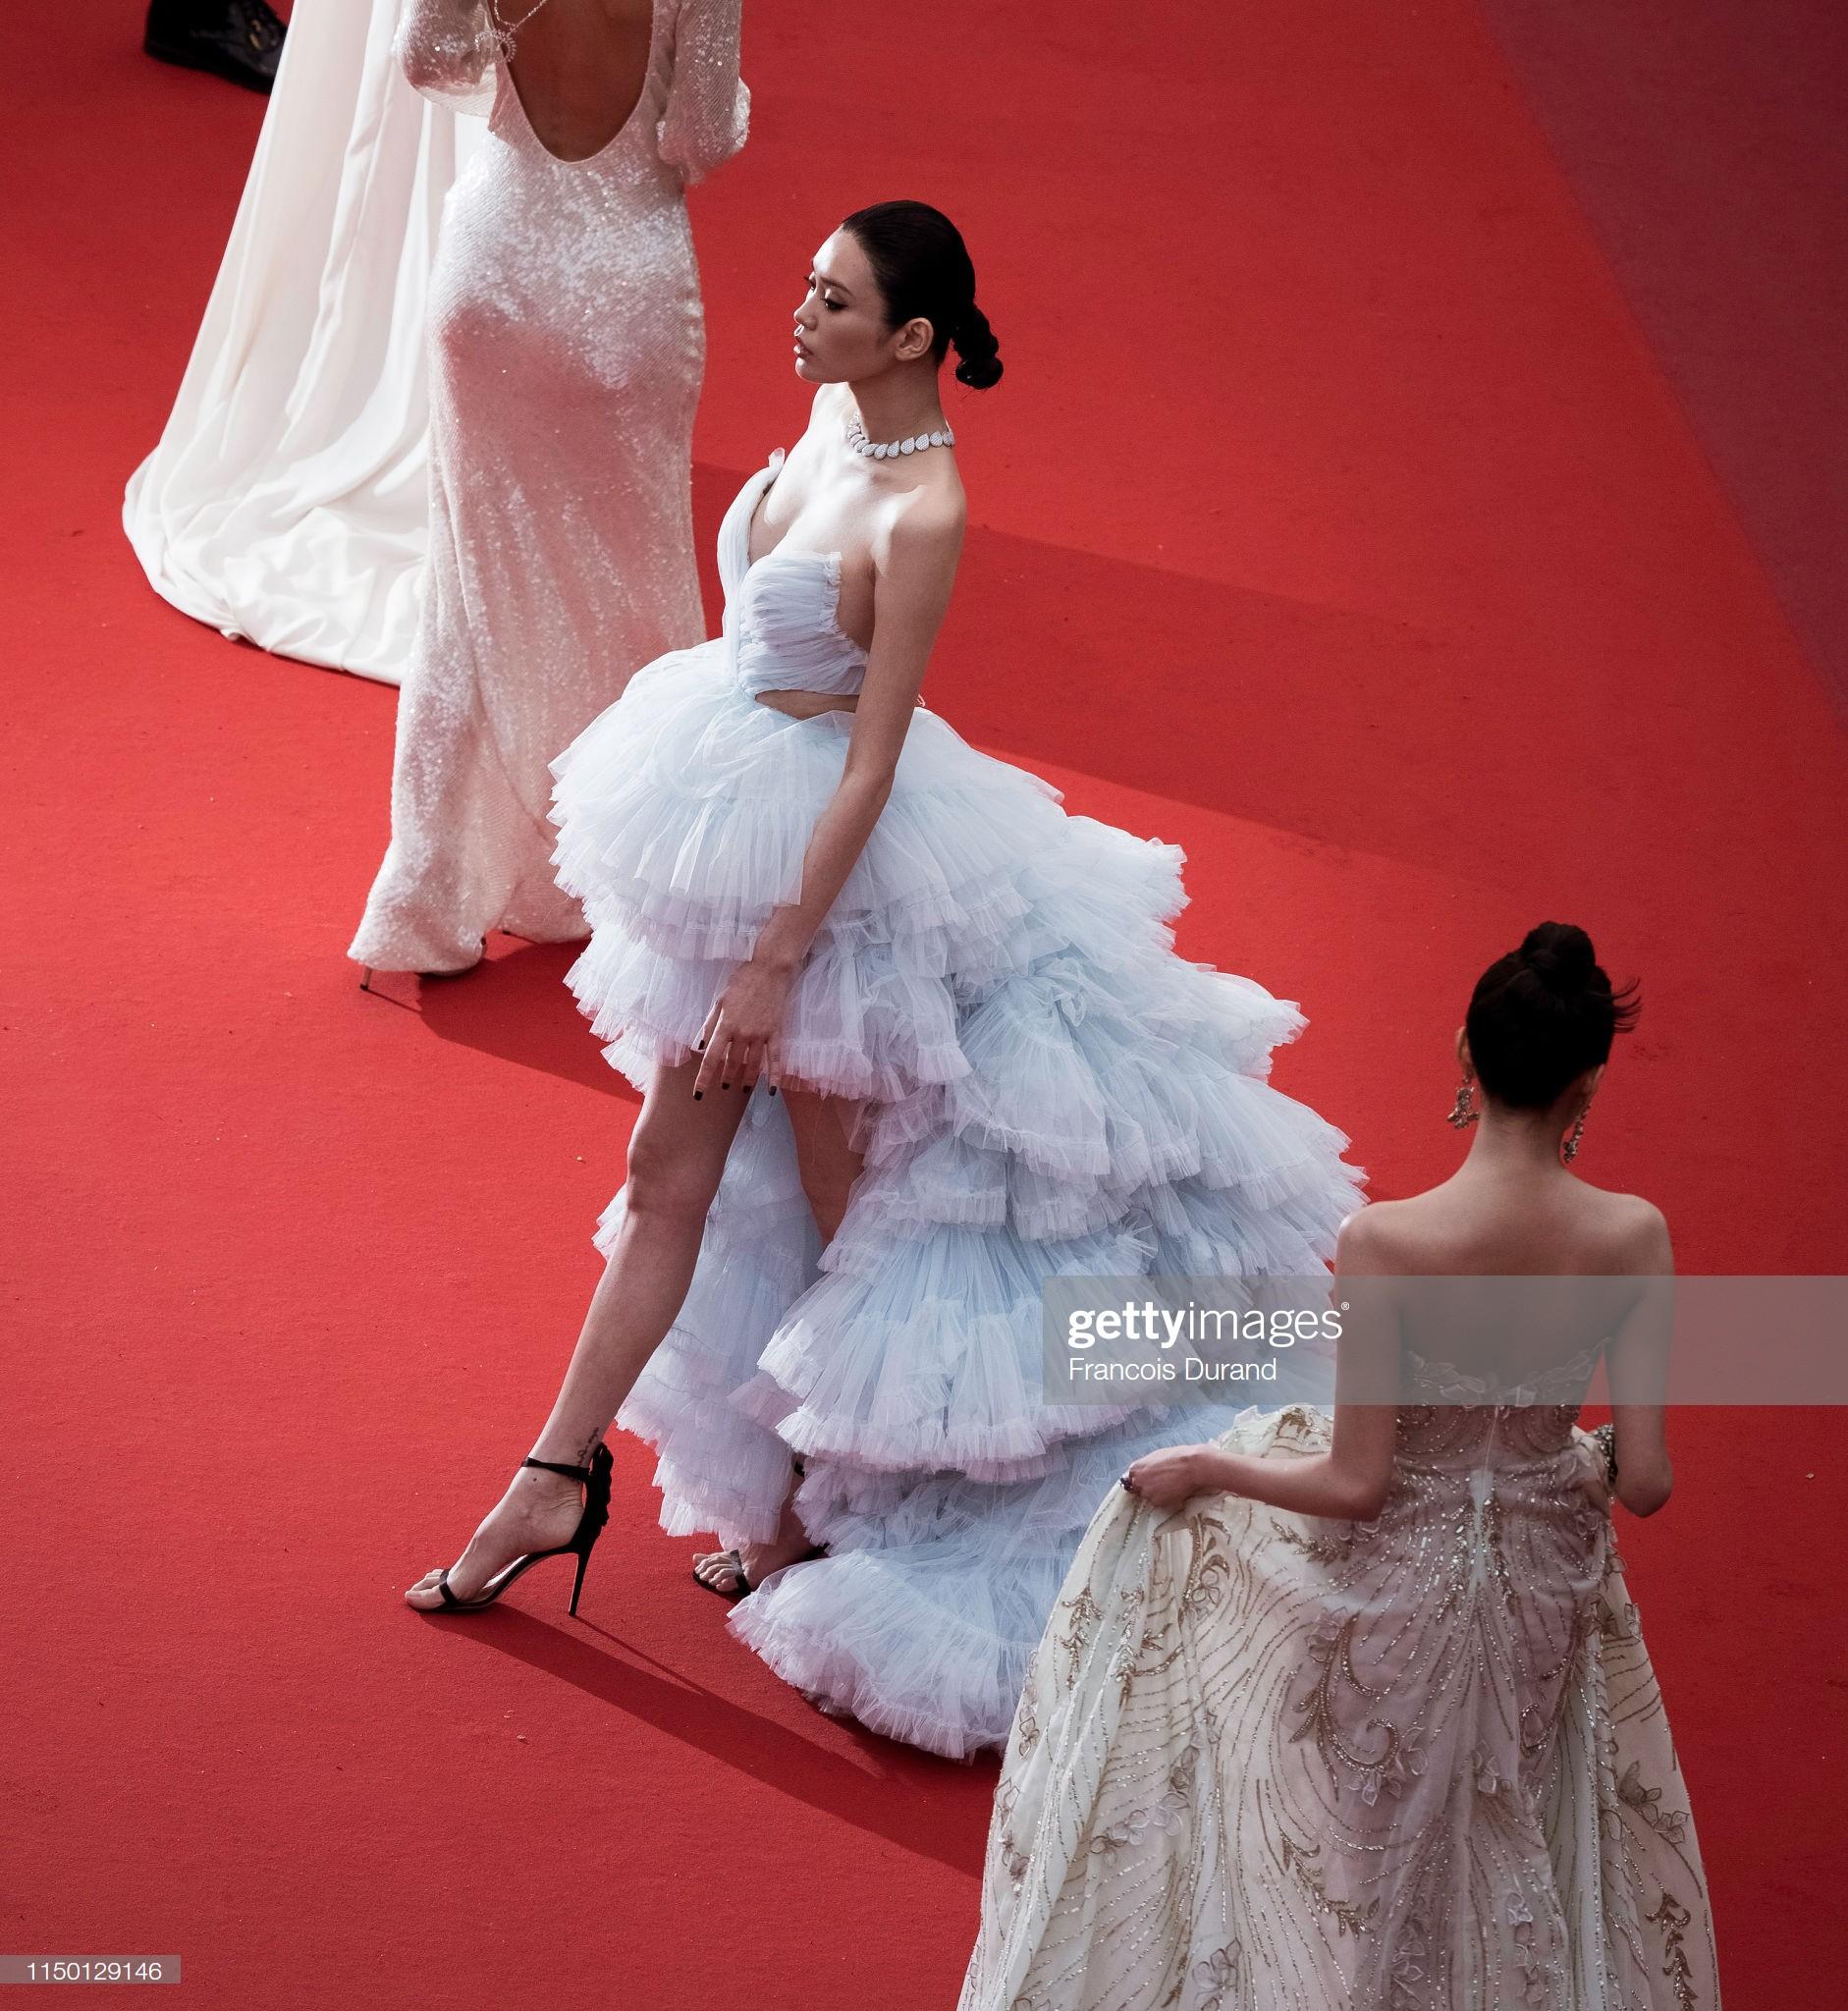 2 thái cực của 2 chân dài Victorias Secret Trung Quốc tại Cannes: Ming Xi như công chúa, Sui He phô phang đến bức người - Ảnh 4.